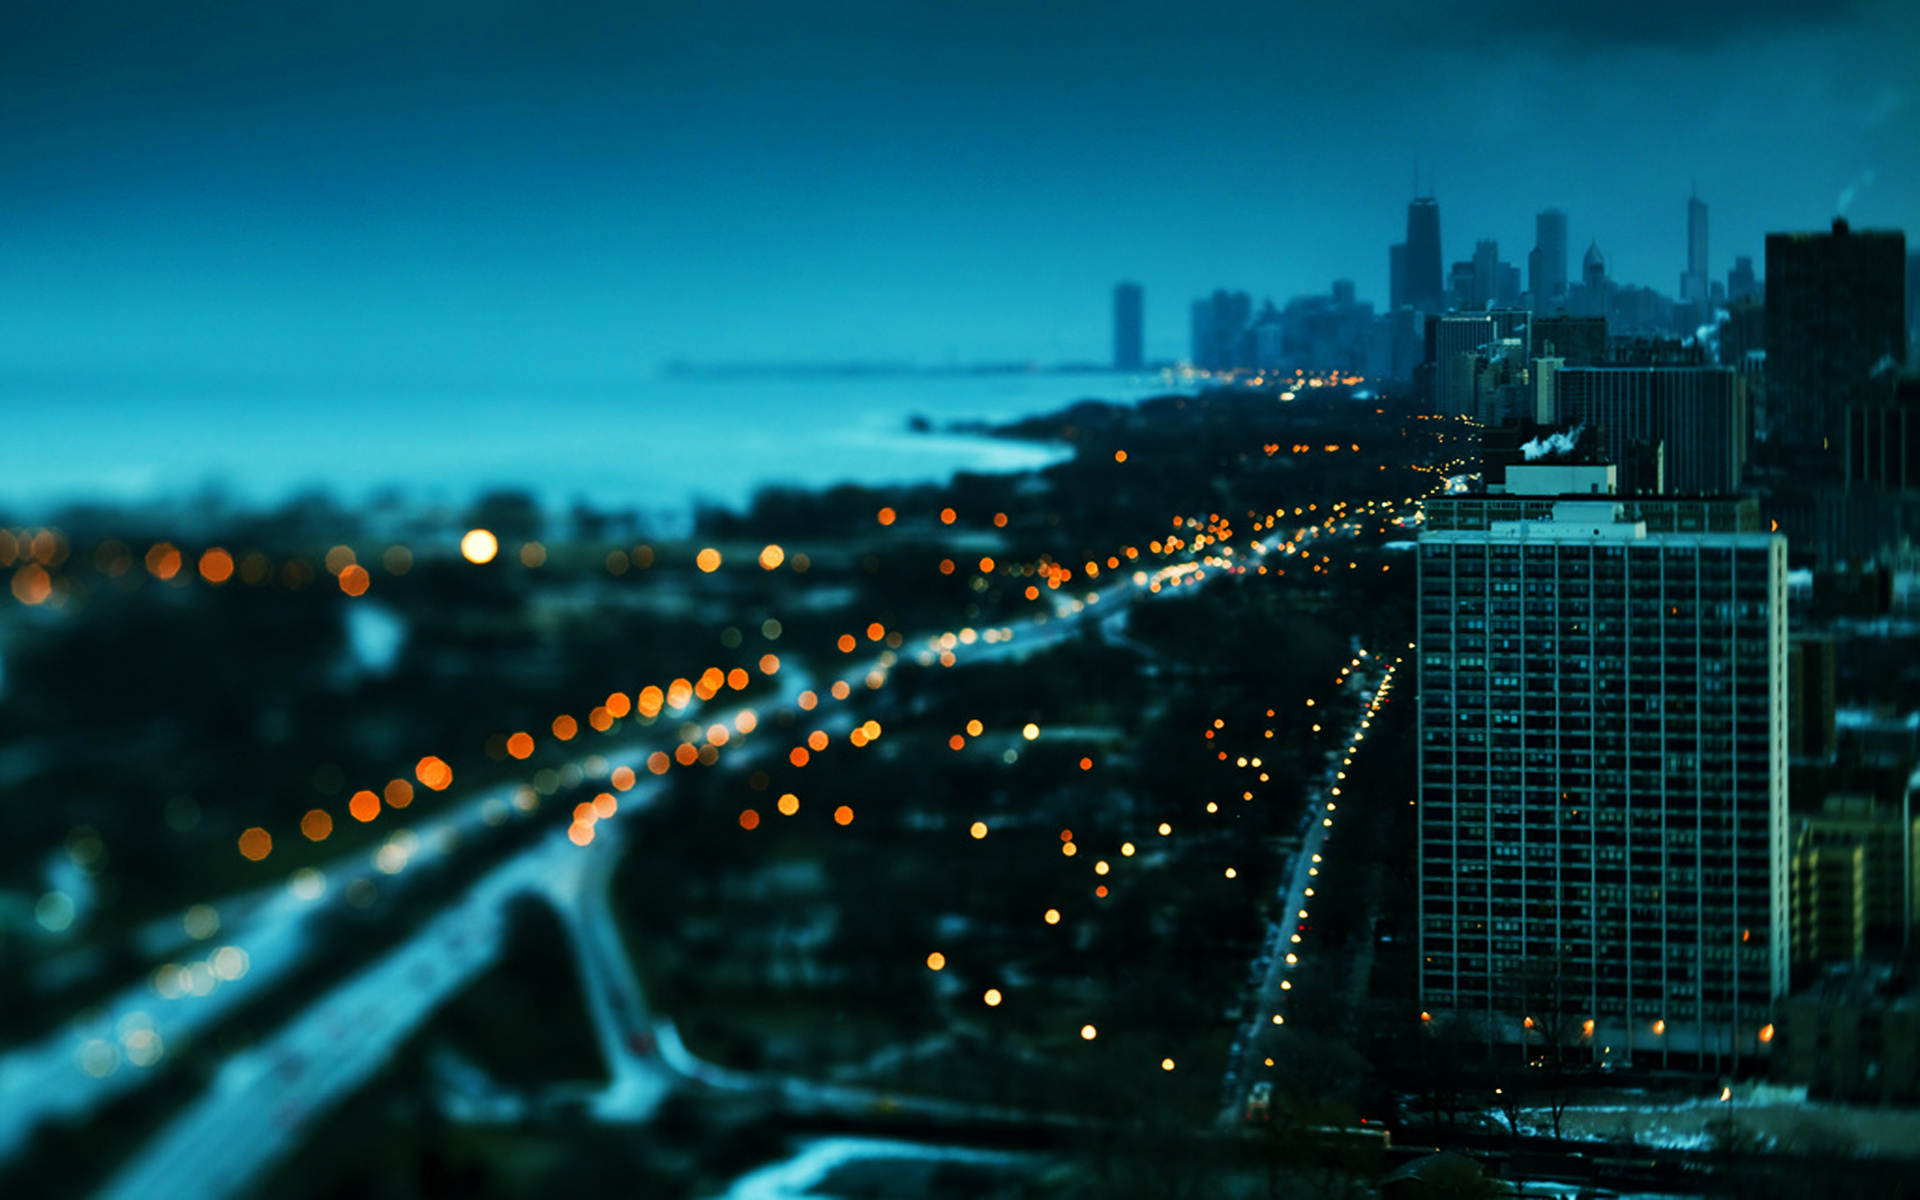 город огни высота ночь бесплатно